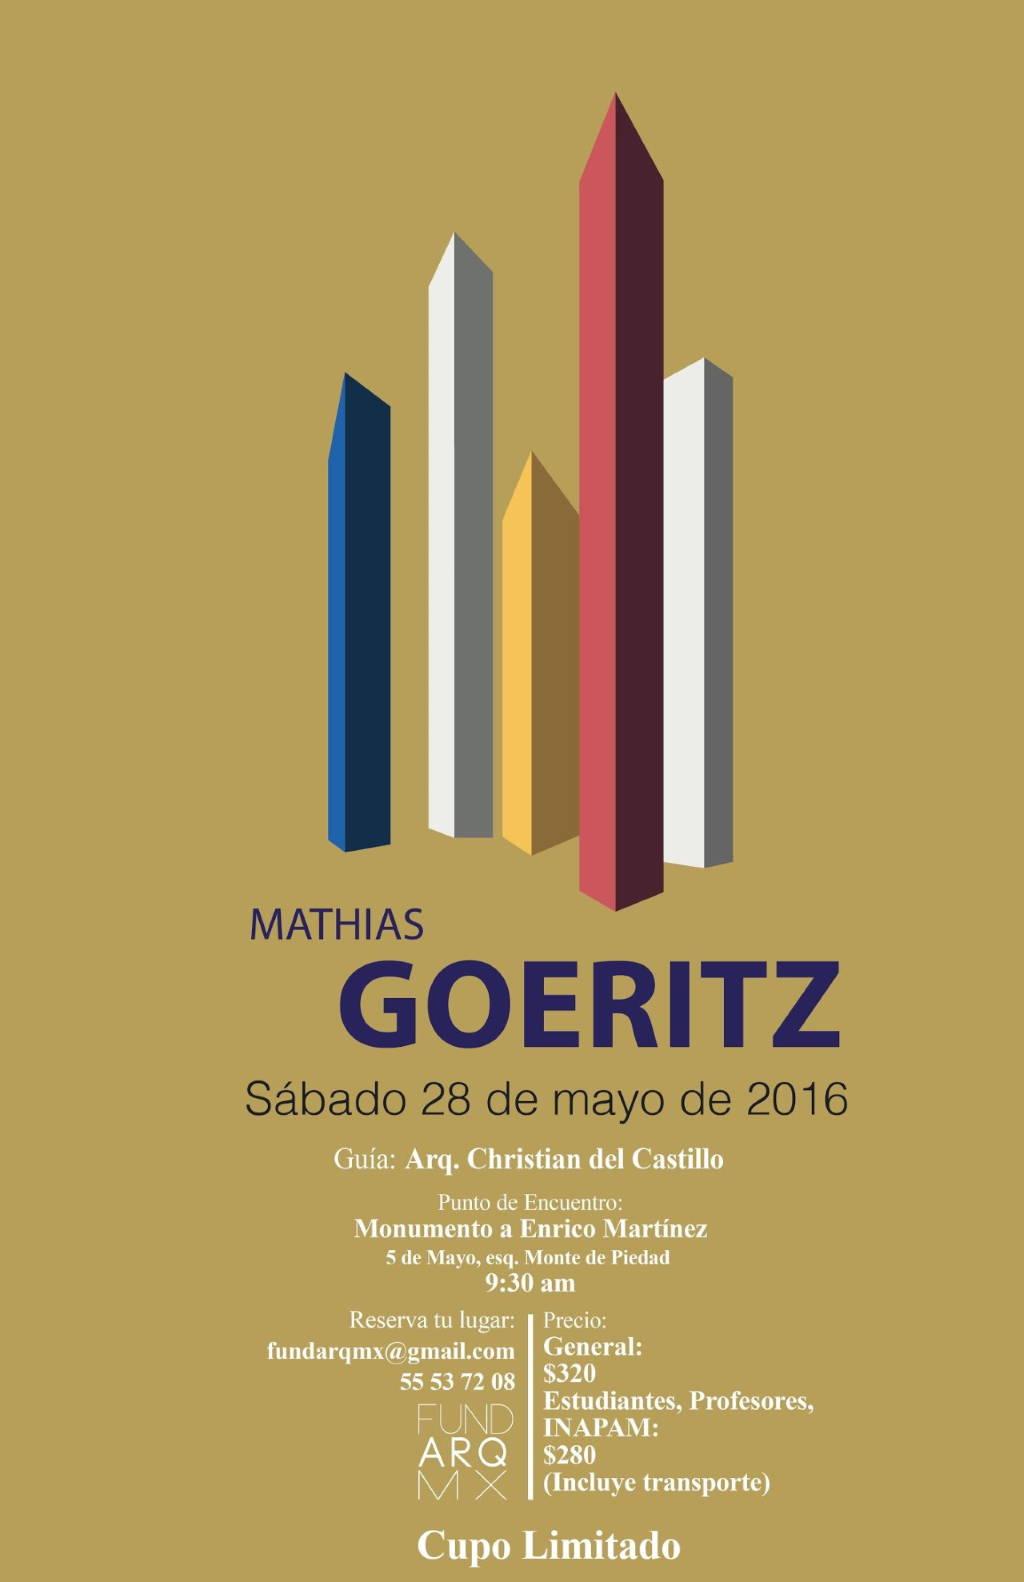 Recorrido por obras de Mathias Goeritz, FUNDARQMX Invita!